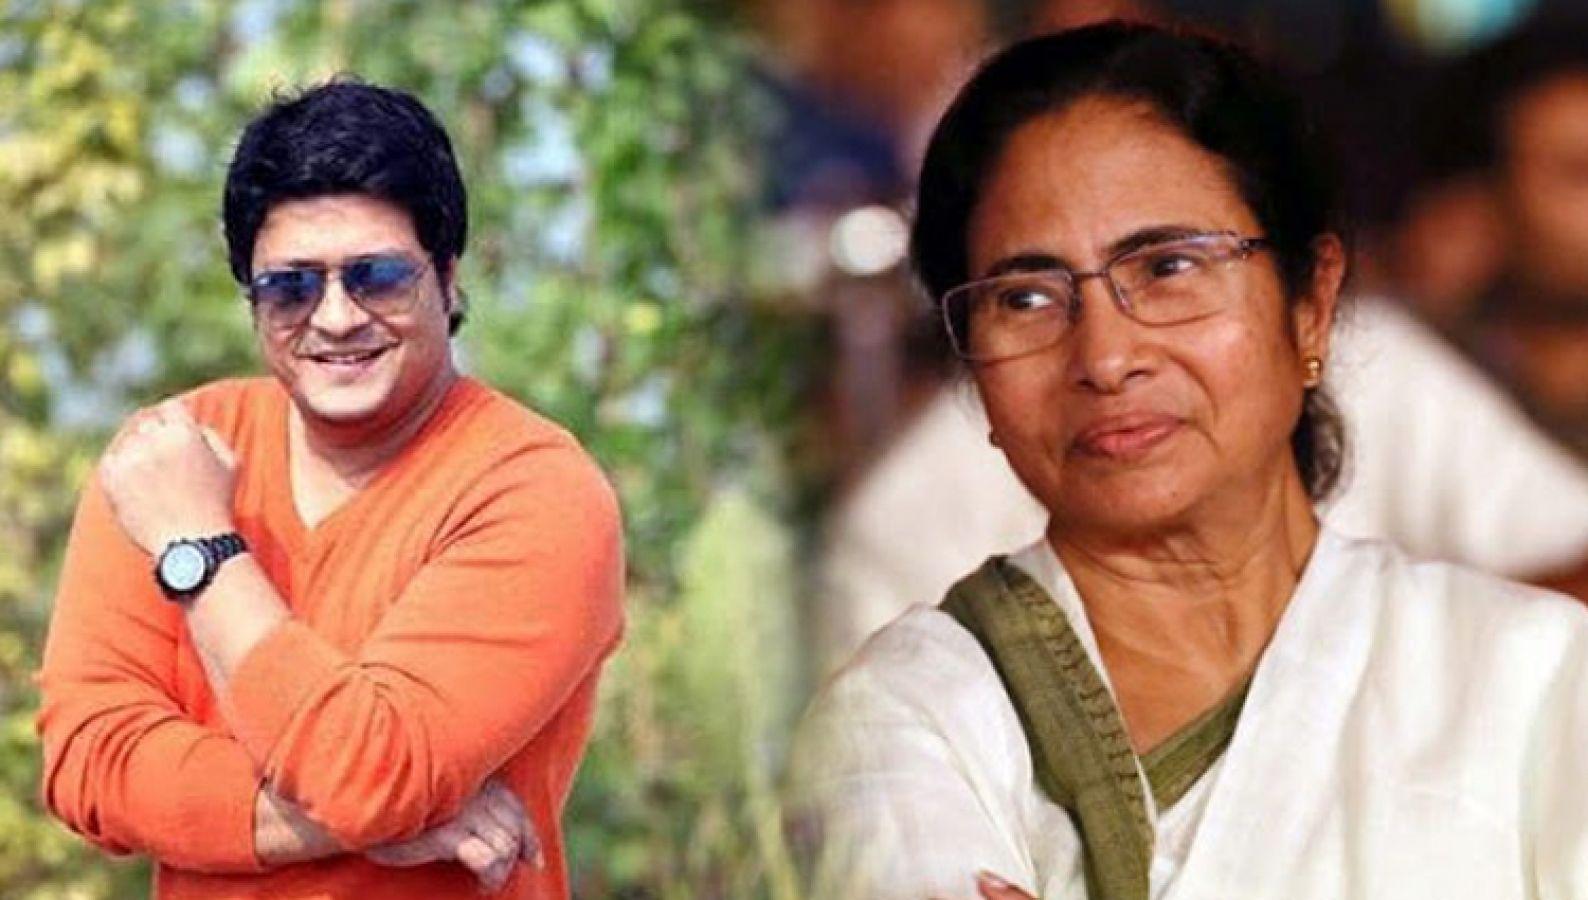 लोकसभा चुनाव: ममता के लिए प्रचार कर रहे बांग्लादेश के अभिनेता, भाजपा ने जताई आपत्ति